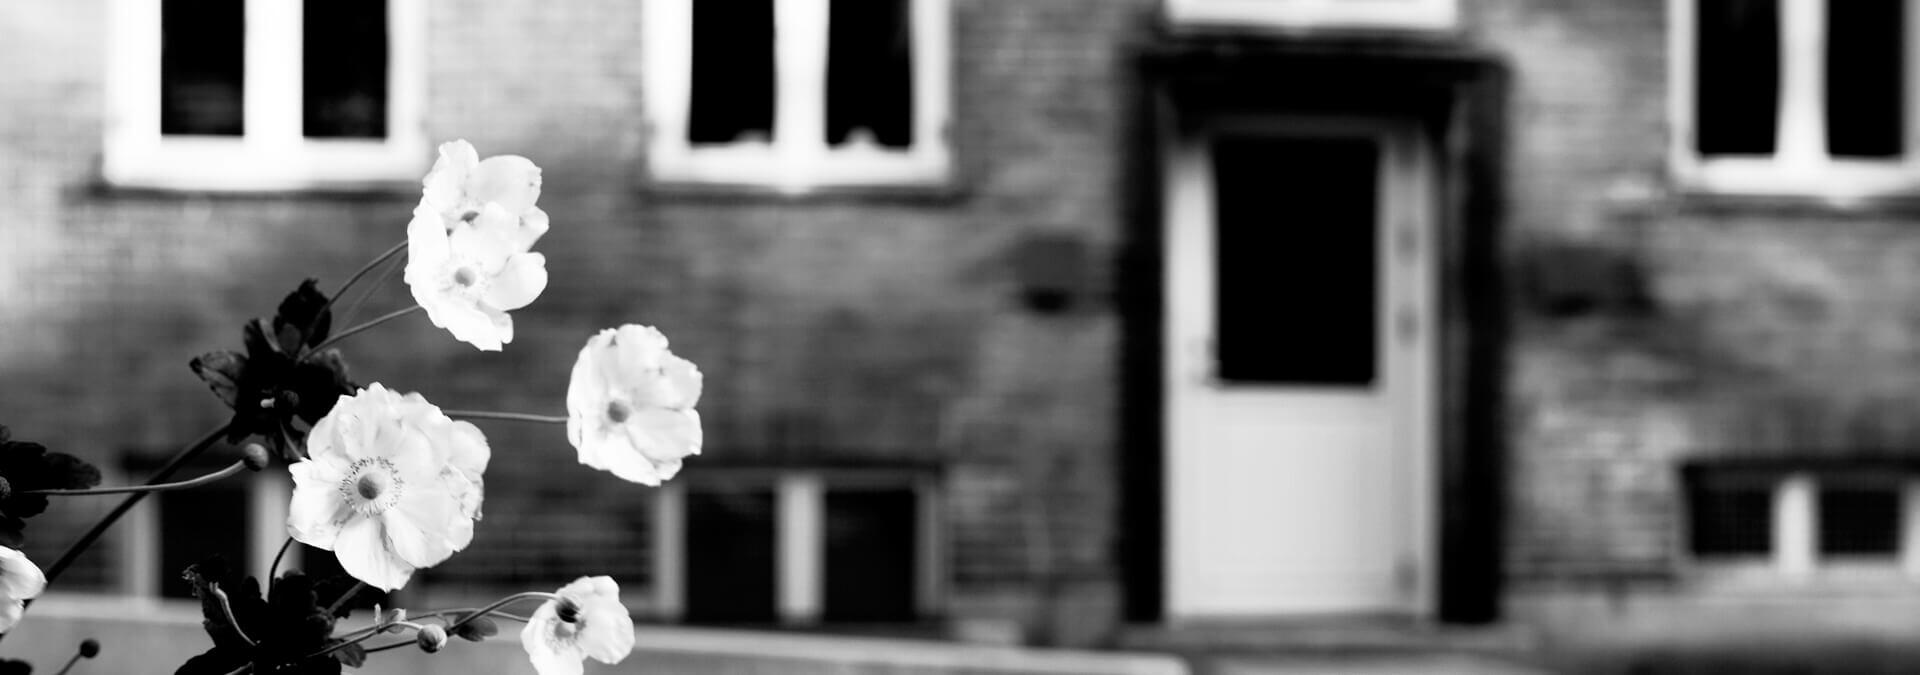 Bagindgang til Kvindehjemmet med blomst i forgrunden